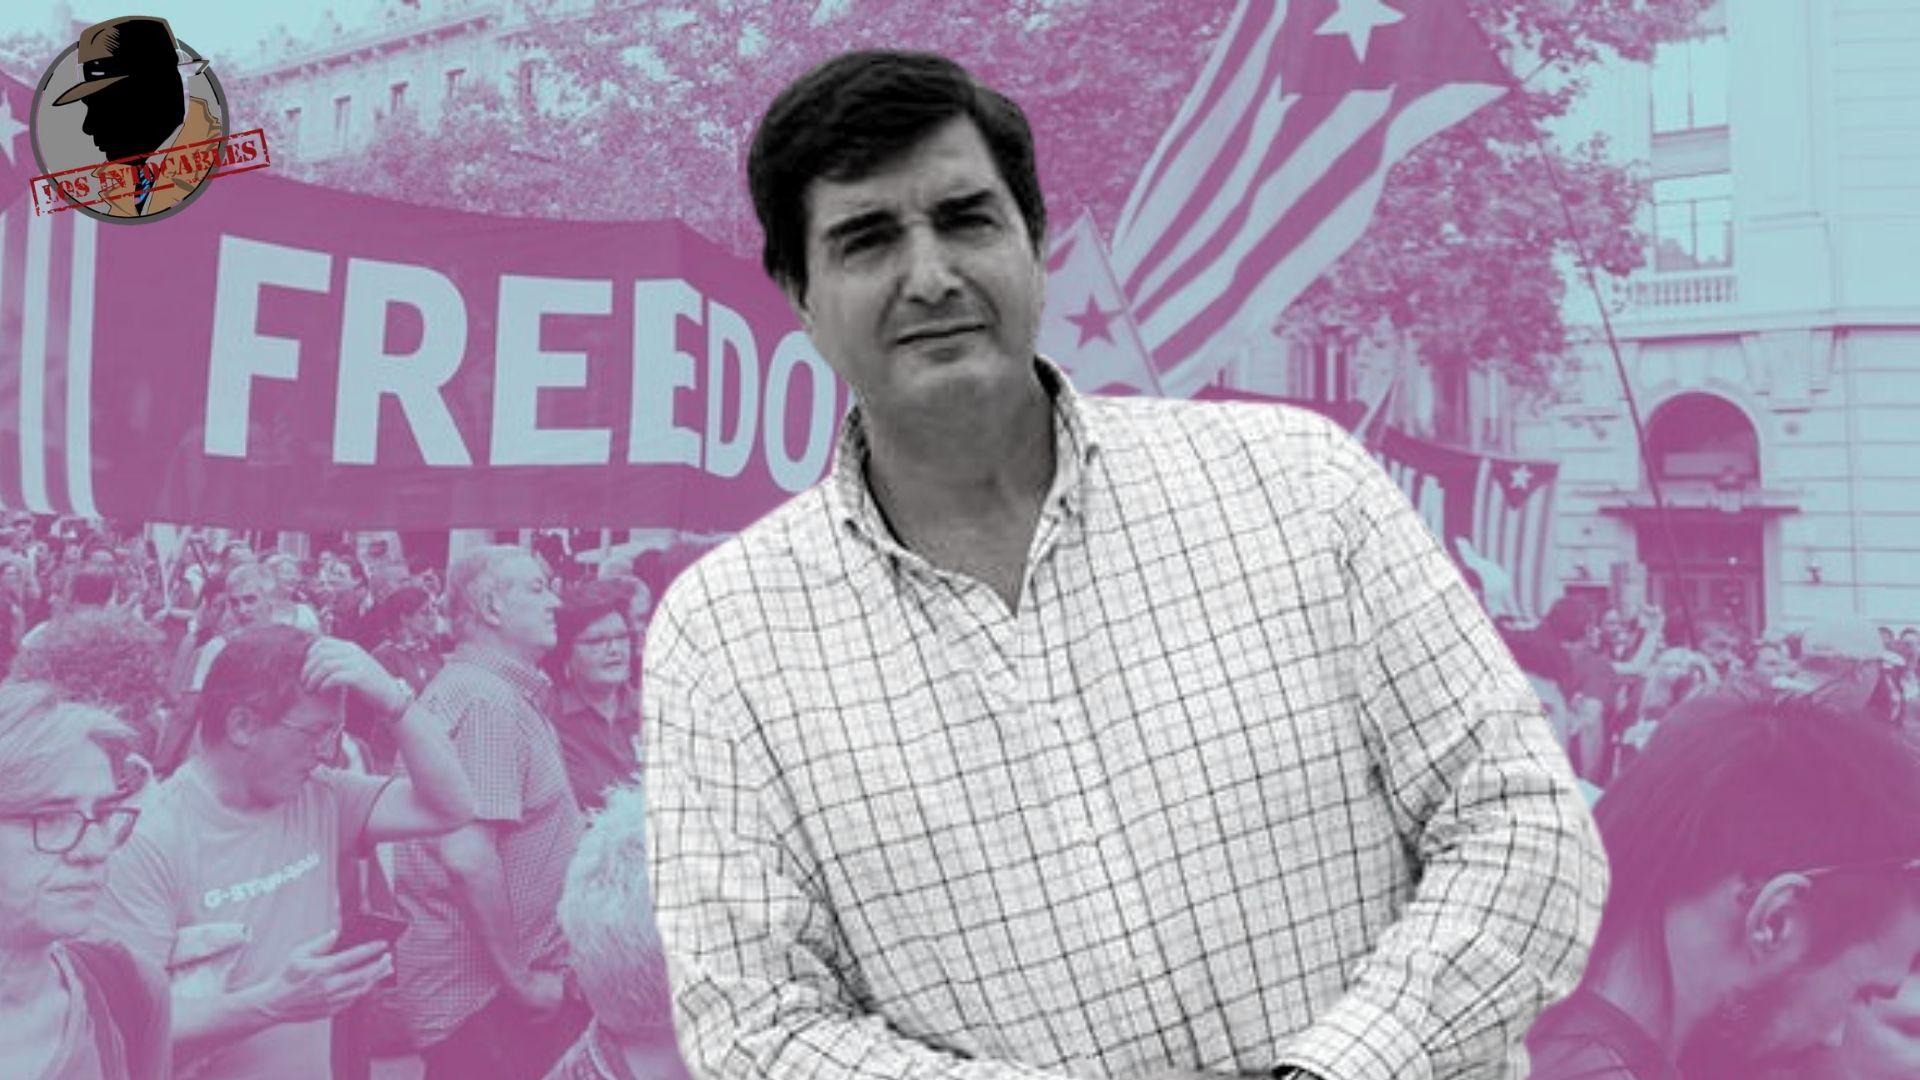 JUAN DE DIOS DÁVILA: LA PRESENCIA DE ESPAÑA EN CATALUÑA ES GARANTÍA DE LIBERTAD Y JUSTICIA